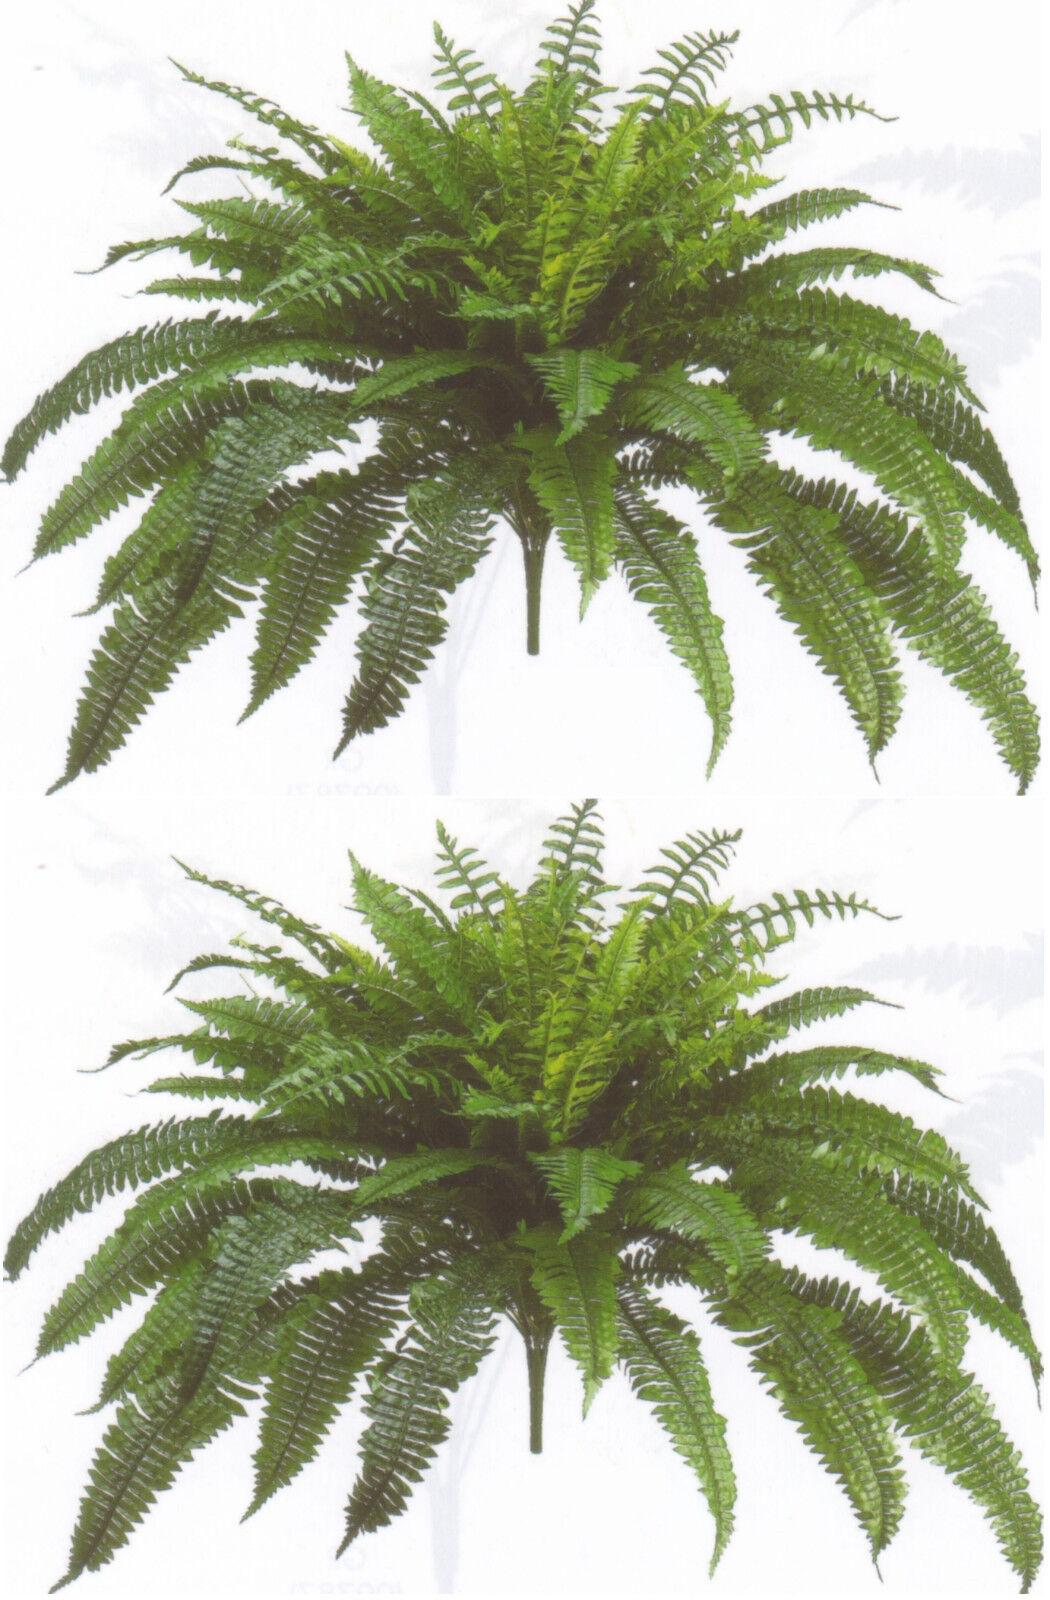 2 BOSTON FERN 48  SPREAD X 90 LEAF BUSH PLANT ARTIFICIAL TREE FLOWER SILK PALM